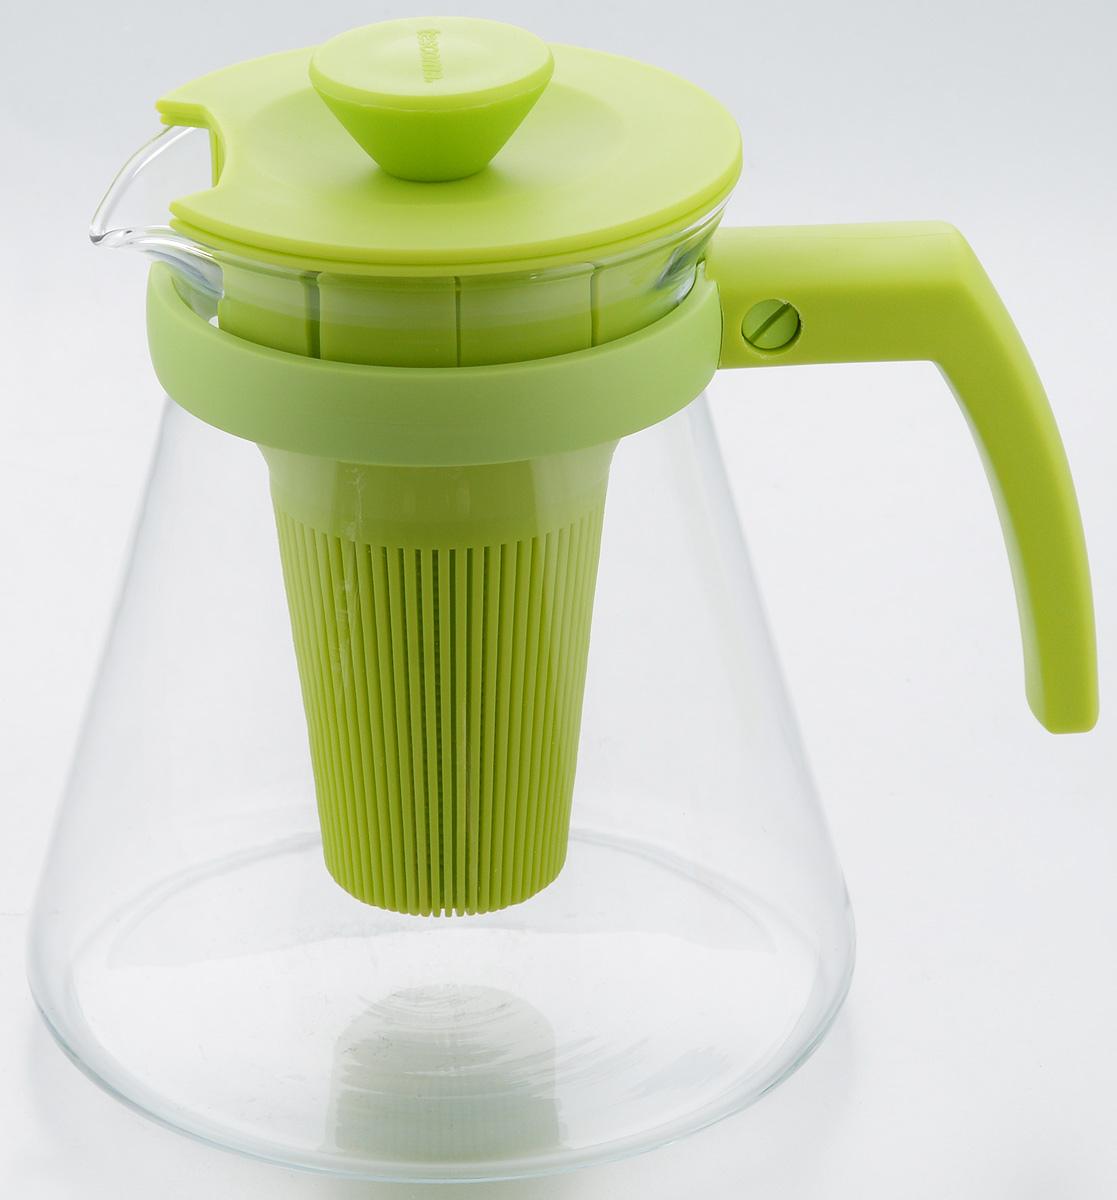 Чайник заварочный Tescoma Teo Tone, с ситечком, цвет: салатовый, прозрачный, 1,25 л646623.25Чайник заварочный Tescoma Teo Tone предназначен для подготовки и сервировки всех видов чая и чайных напитков. Чайник снабжен глубоким ситечком для заваривания свежей мяты, мелиссы, имбиря, сушеного шиповника, фруктов, а также очень густым ситечком для заваривания всех видов рассыпного чая. Корпус чайника изготовлен из термостойкого боросиликатного стекла, поэтому его можно ставить на плиту. Ручка, крышка и ситечко изготовлены из прочного пластика. Чайник подходит для газовых, электрических и стеклокерамических плит, микроволновой печи. Не рекомендуется мыть в посудомоечной машине. Инструкция по использованию внутри упаковки. Диаметр (по верхнему краю): 10 см. Диаметр основания: 14 см. Высота: 16 см.